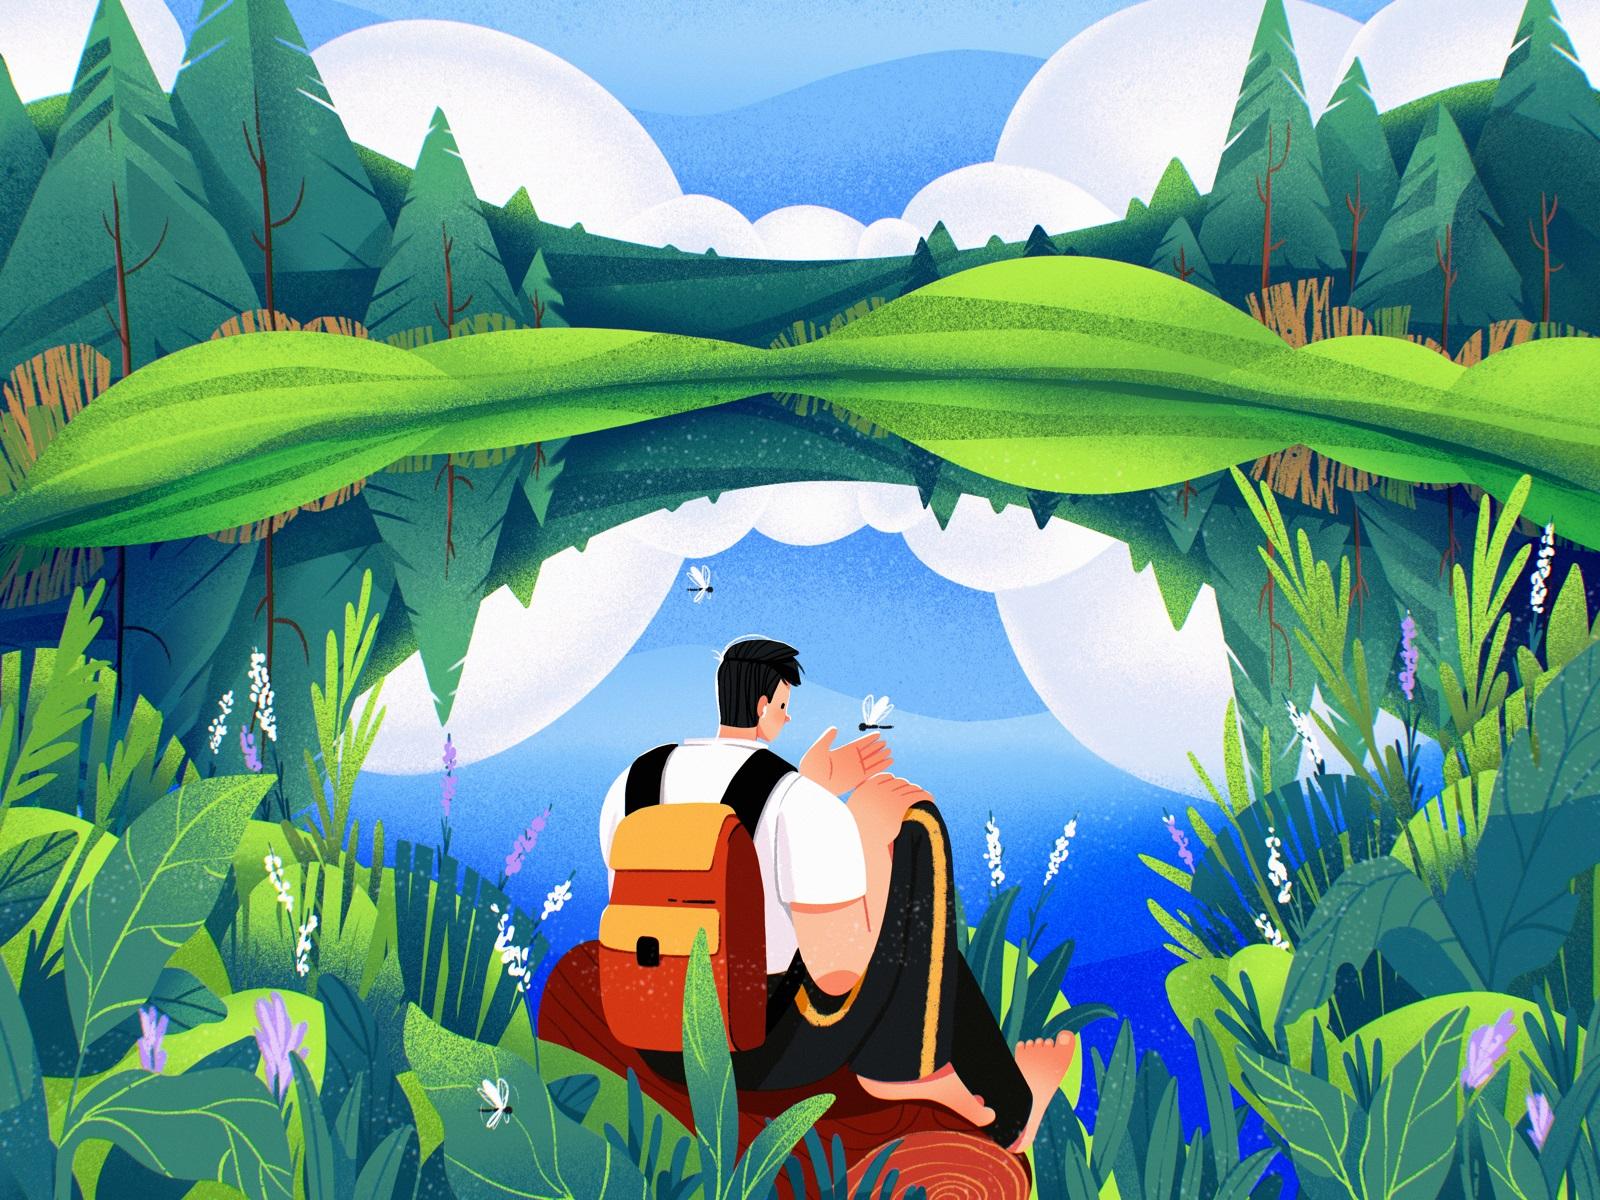 forest summer illustration